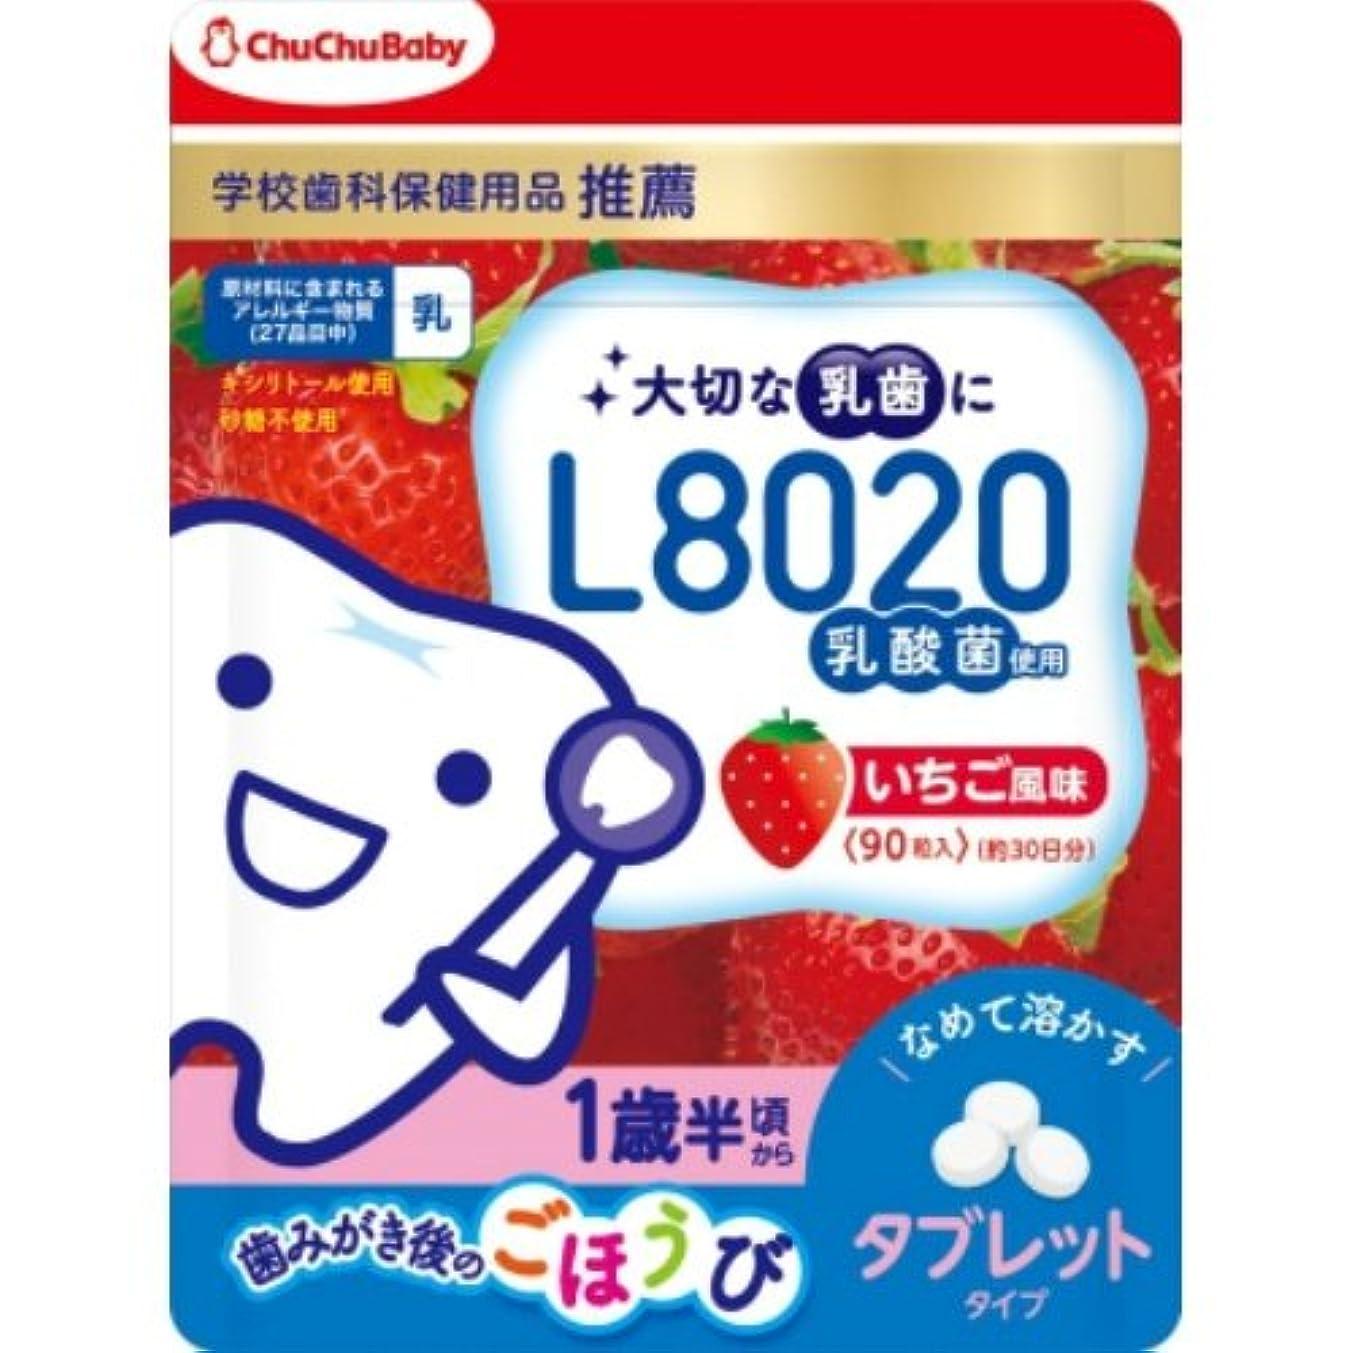 レバー良い夢L8020乳酸菌チュチュベビータブレットいちご風味 × 5個セット